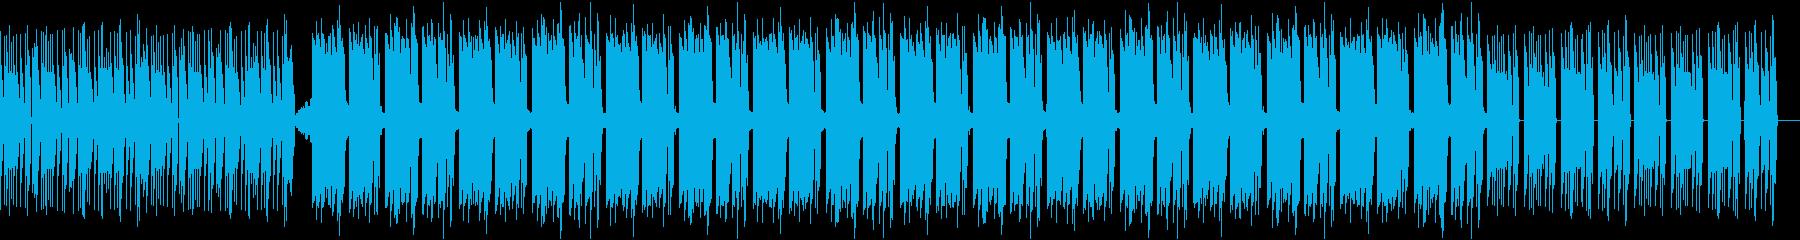 ホラーやミステリーなどの動画のBGMに!の再生済みの波形